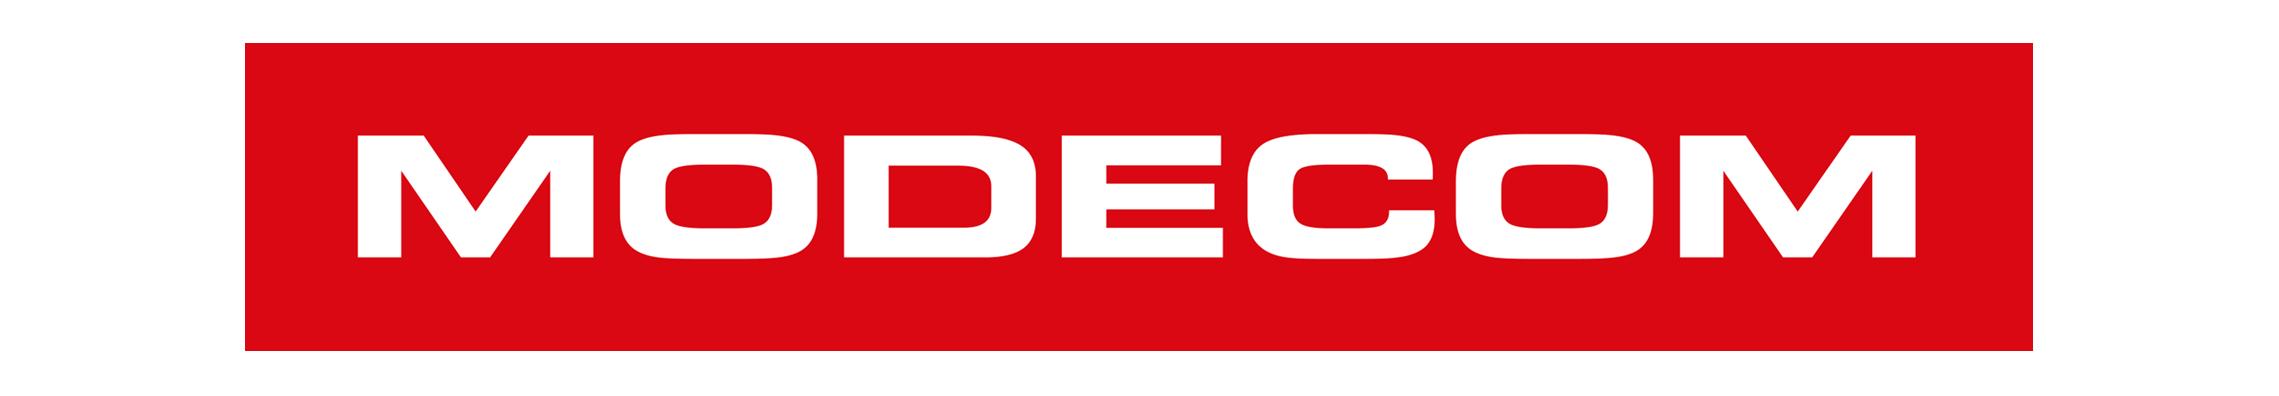 modecom_logo